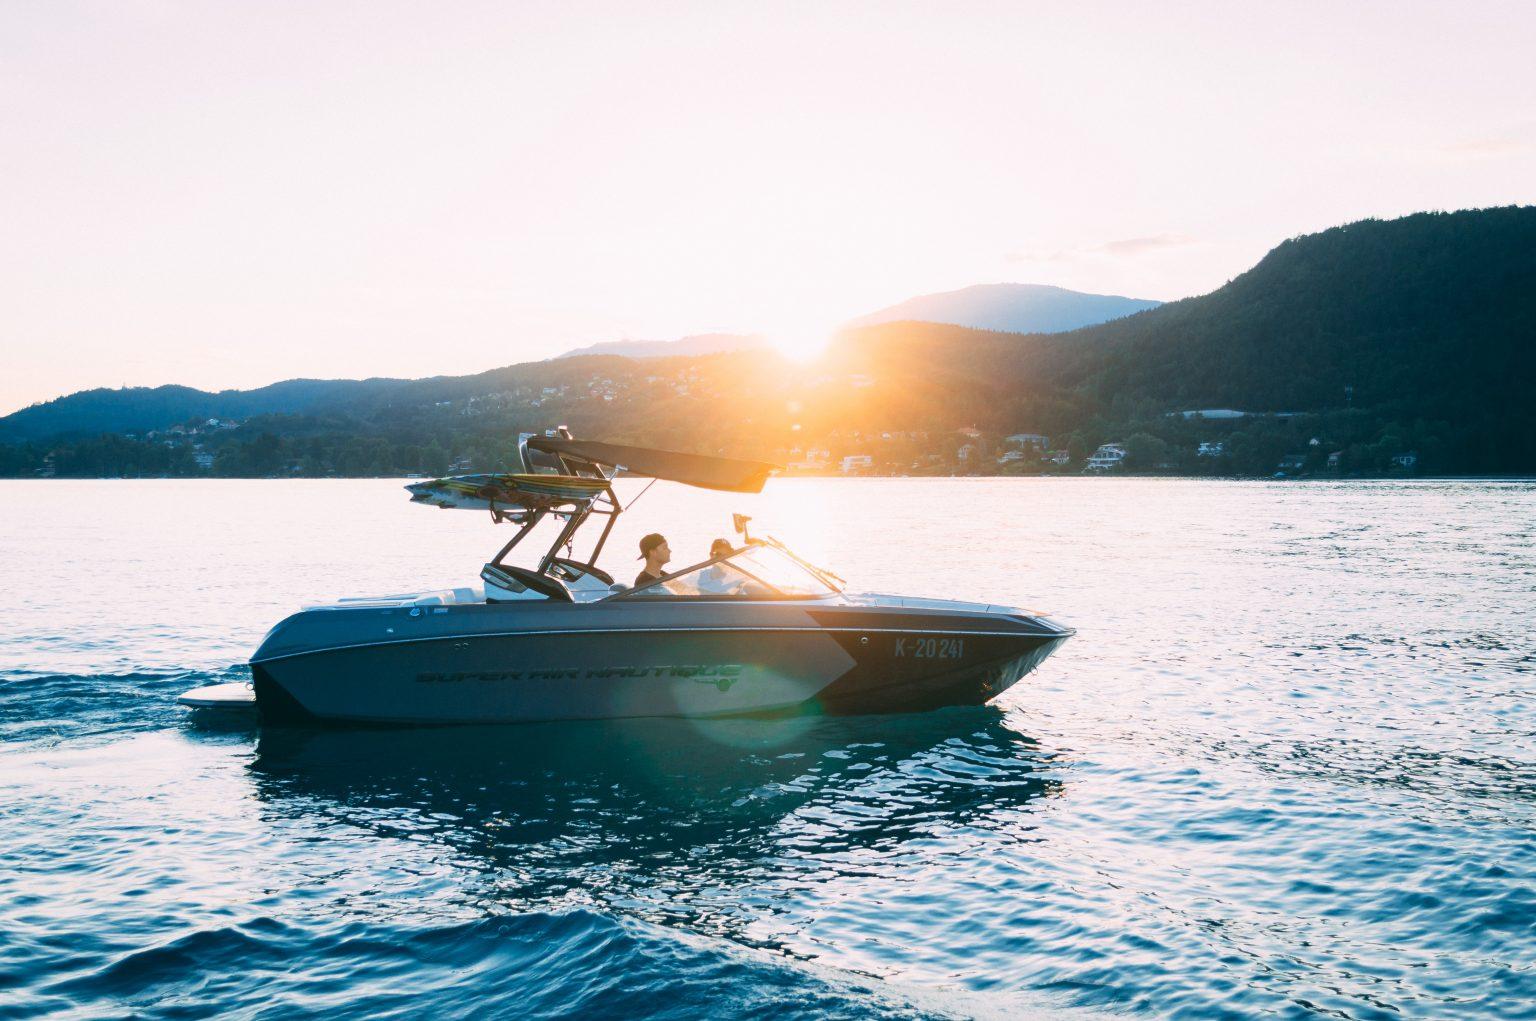 water ski boat on lake Gaston